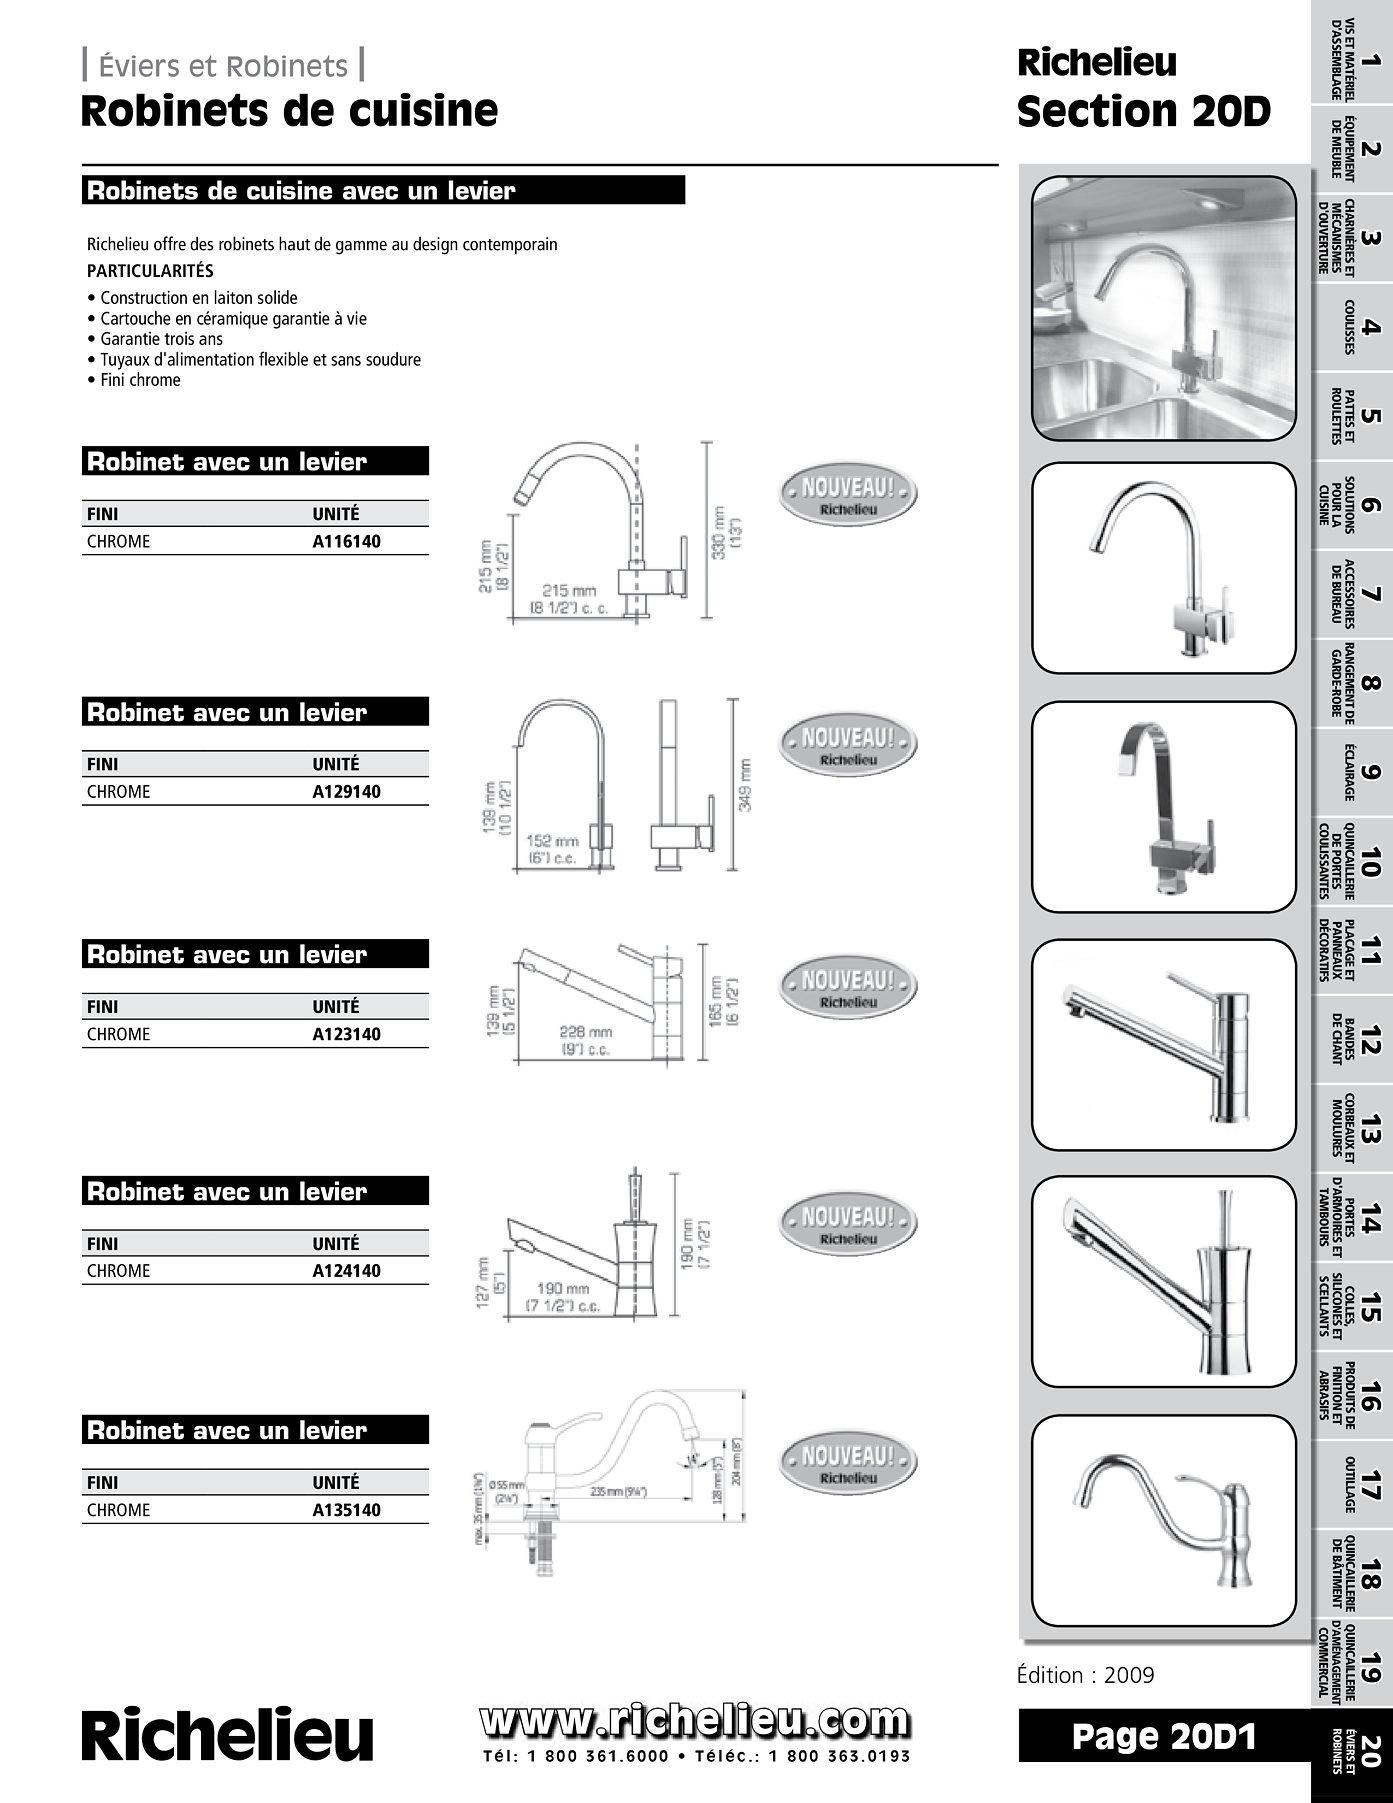 librairie des catalogues richelieu robinets de cuisine page 1 quincaillerie richelieu. Black Bedroom Furniture Sets. Home Design Ideas